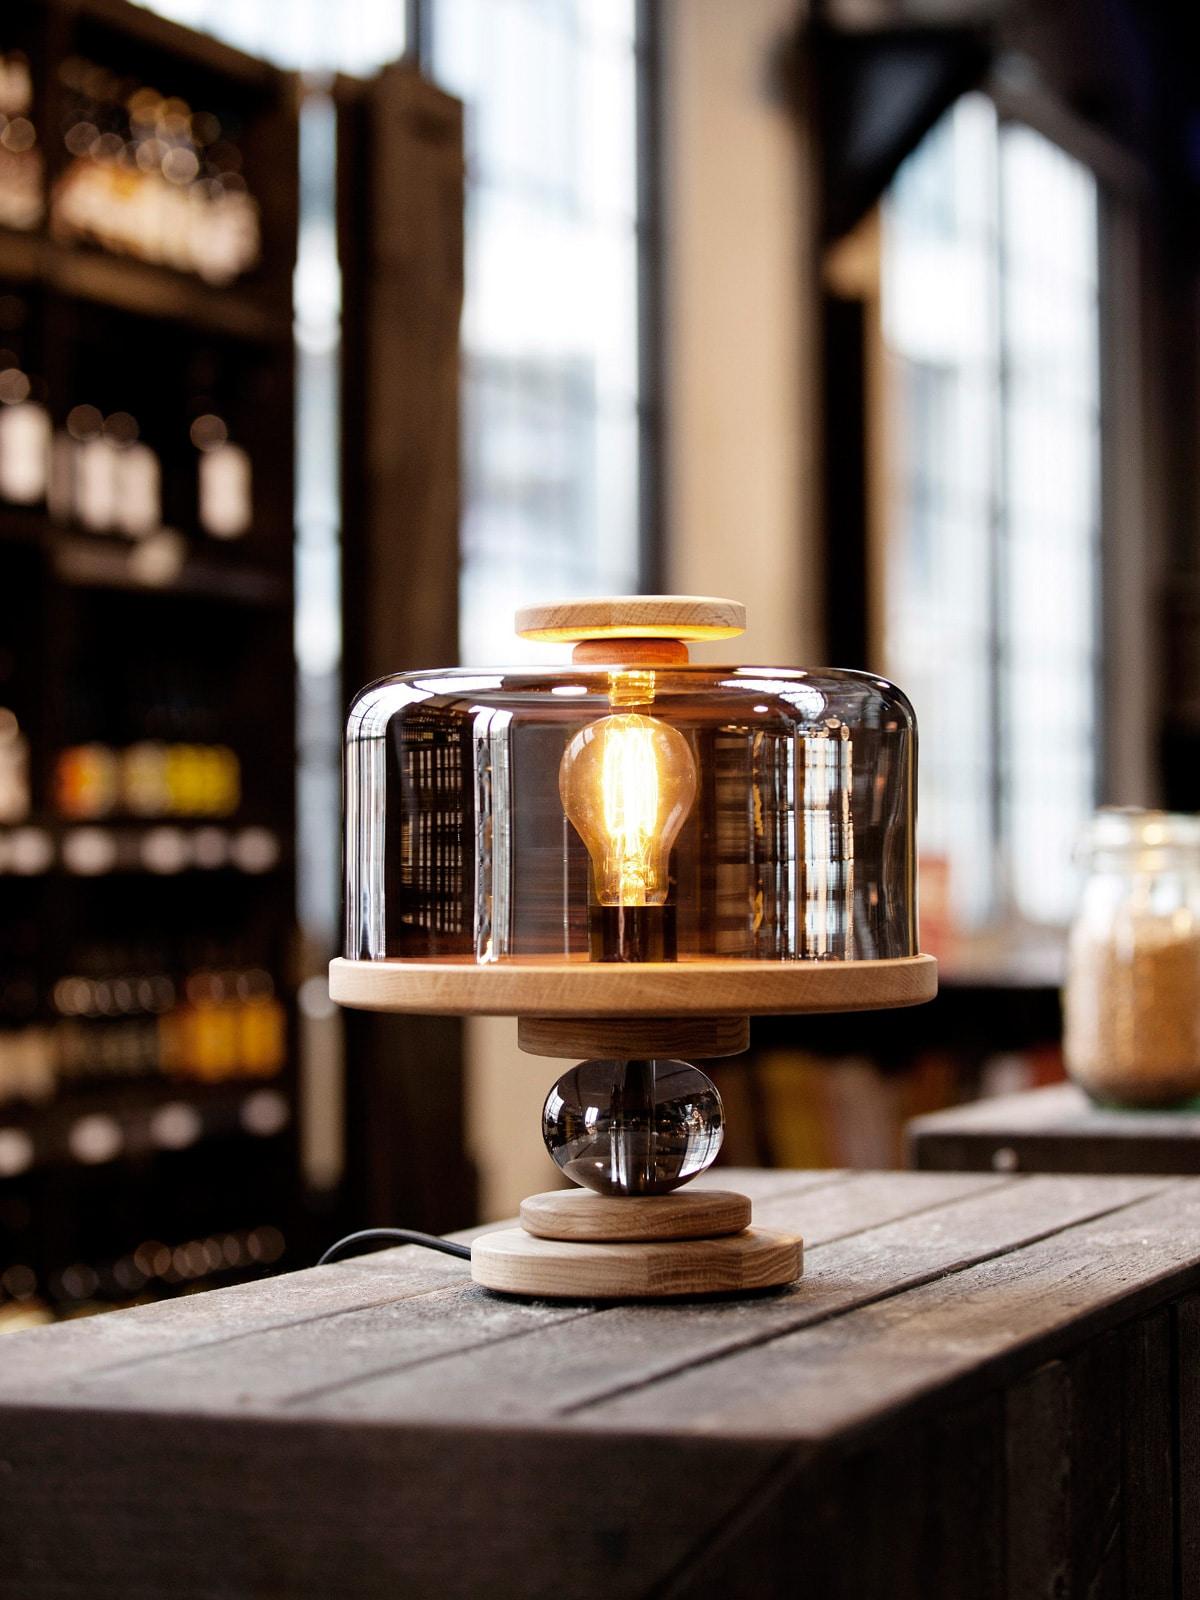 DesignOrt Blog: Ausgefallene Designerleuchten Northern Lighting Morten & Jonas Bake Me a Cake